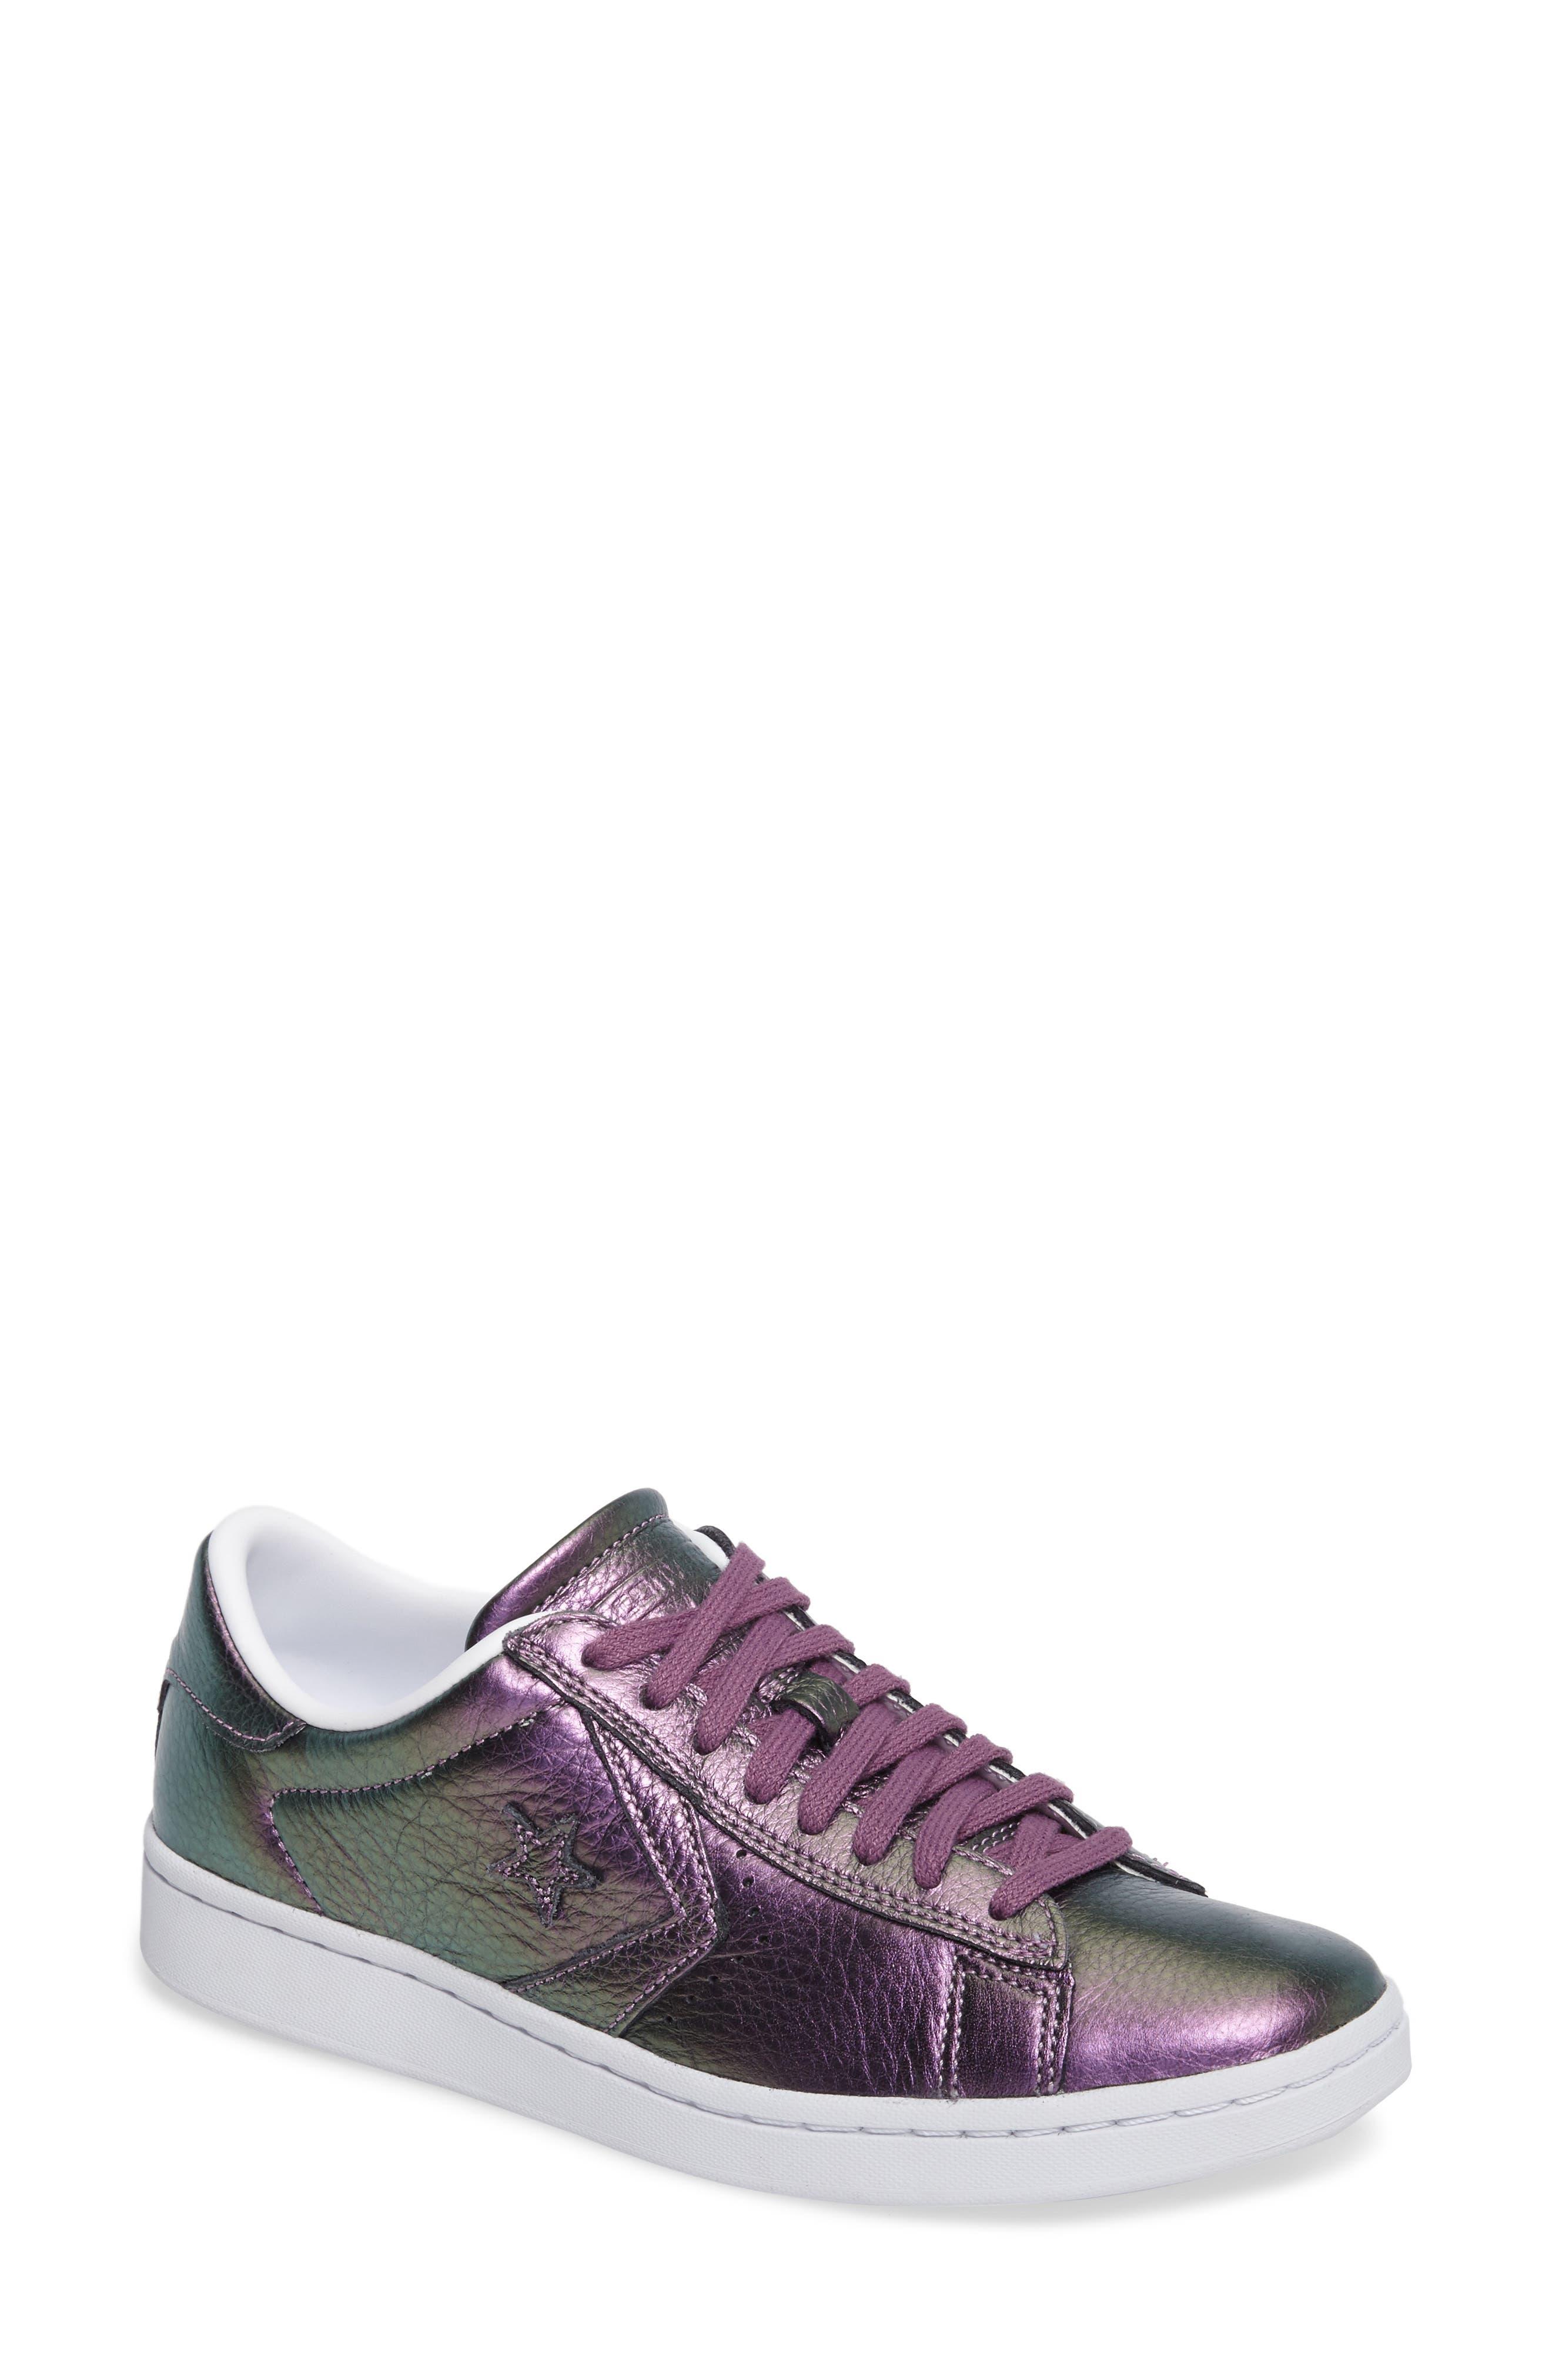 Converse Pro Leather LP Sneaker (Women)